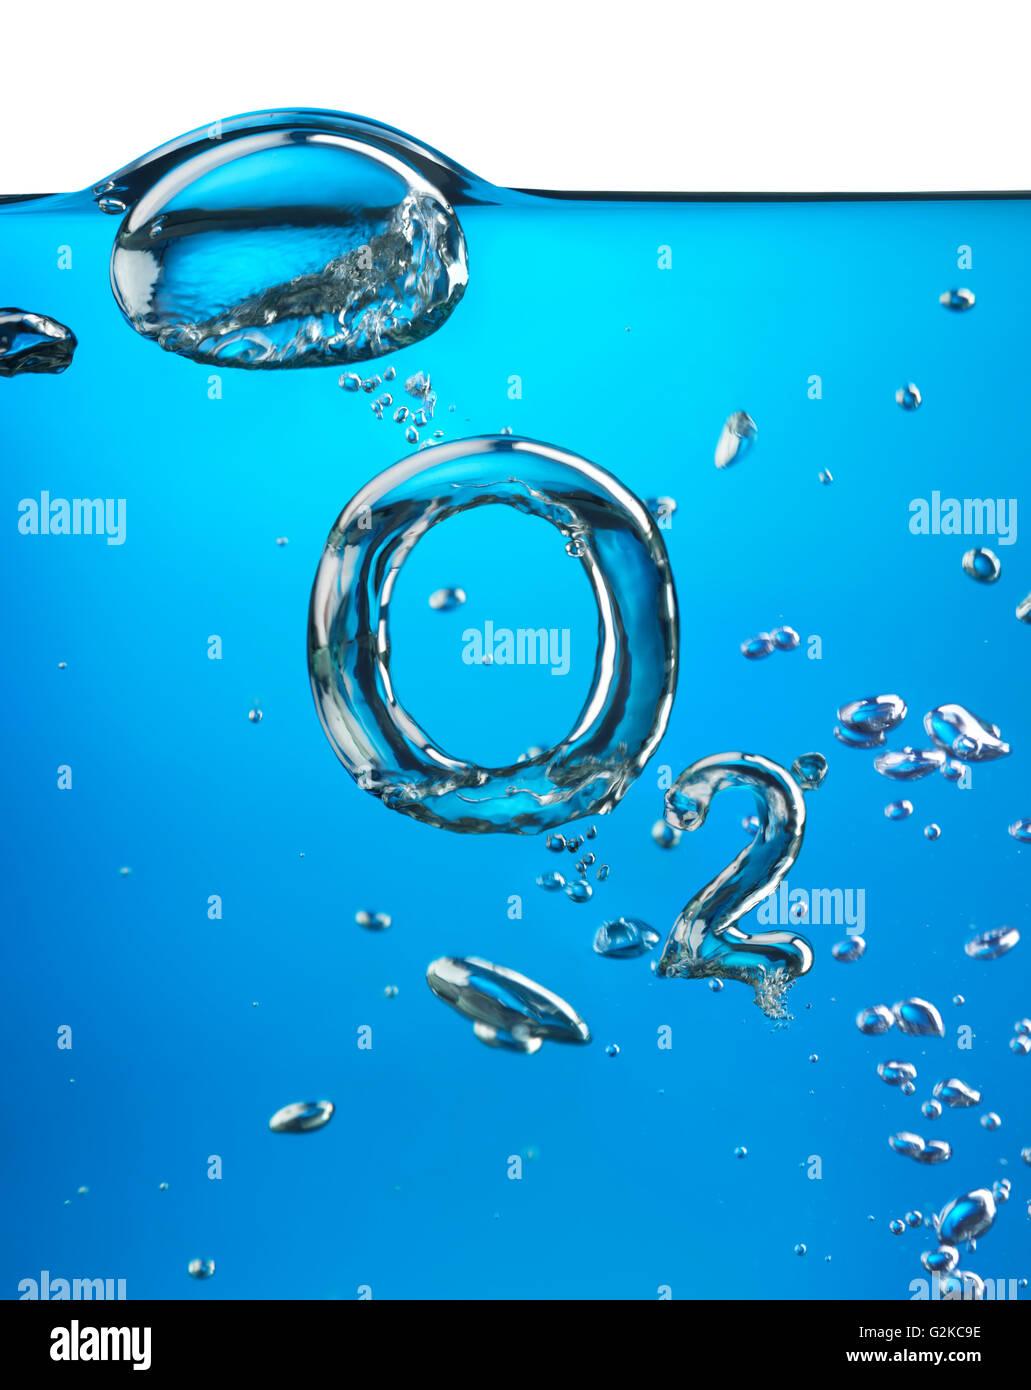 formel von sauerstoff o2 gemacht von luftblasen im wasser stockfoto bild 104918282 alamy. Black Bedroom Furniture Sets. Home Design Ideas